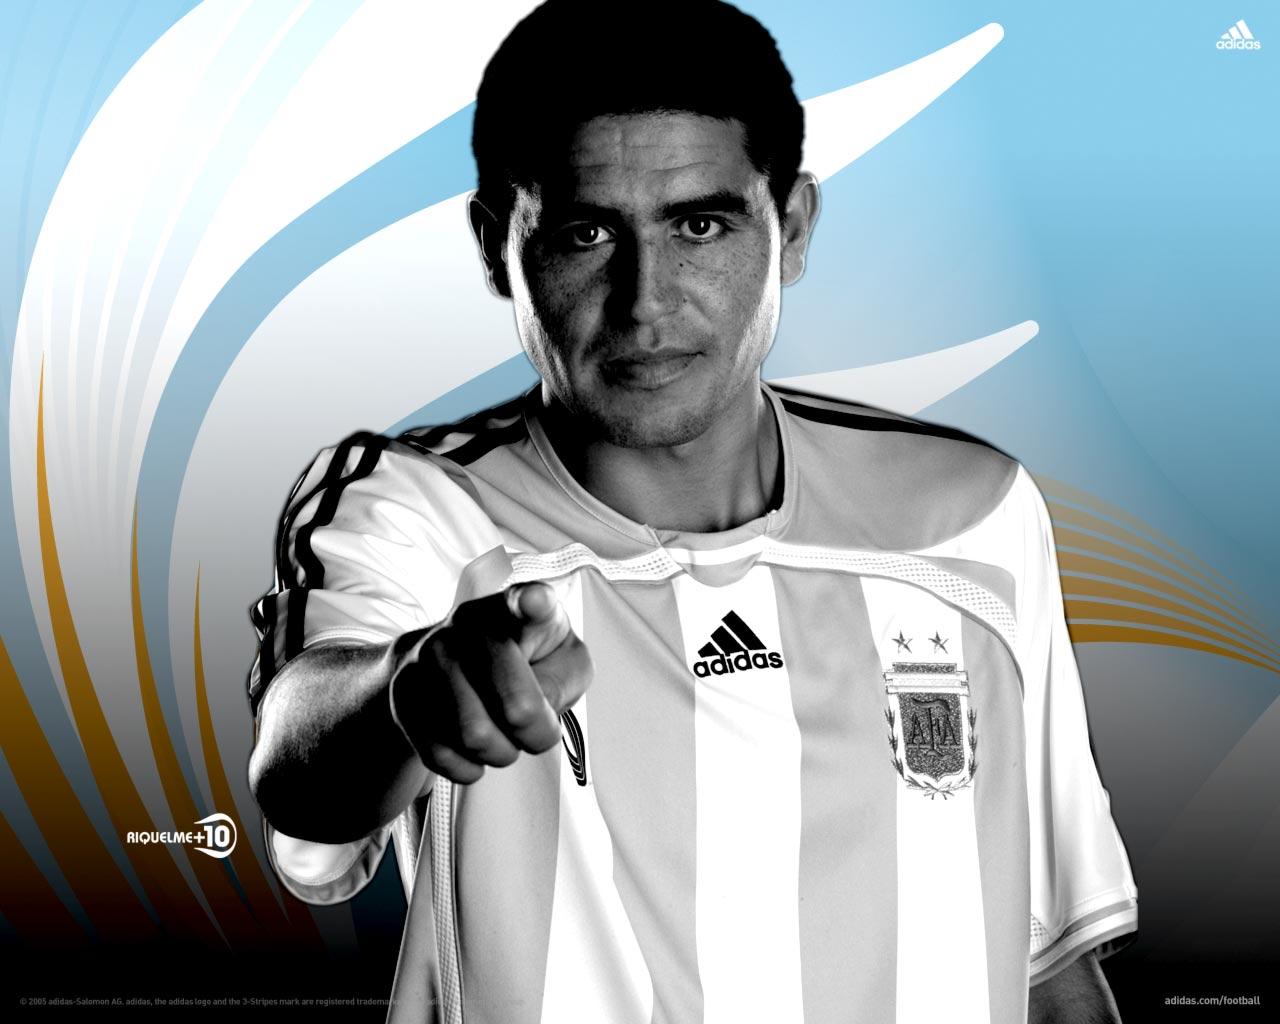 1024adidas阿迪达斯足球系列壁纸 壁纸70壁纸,adidas阿迪达斯壁纸